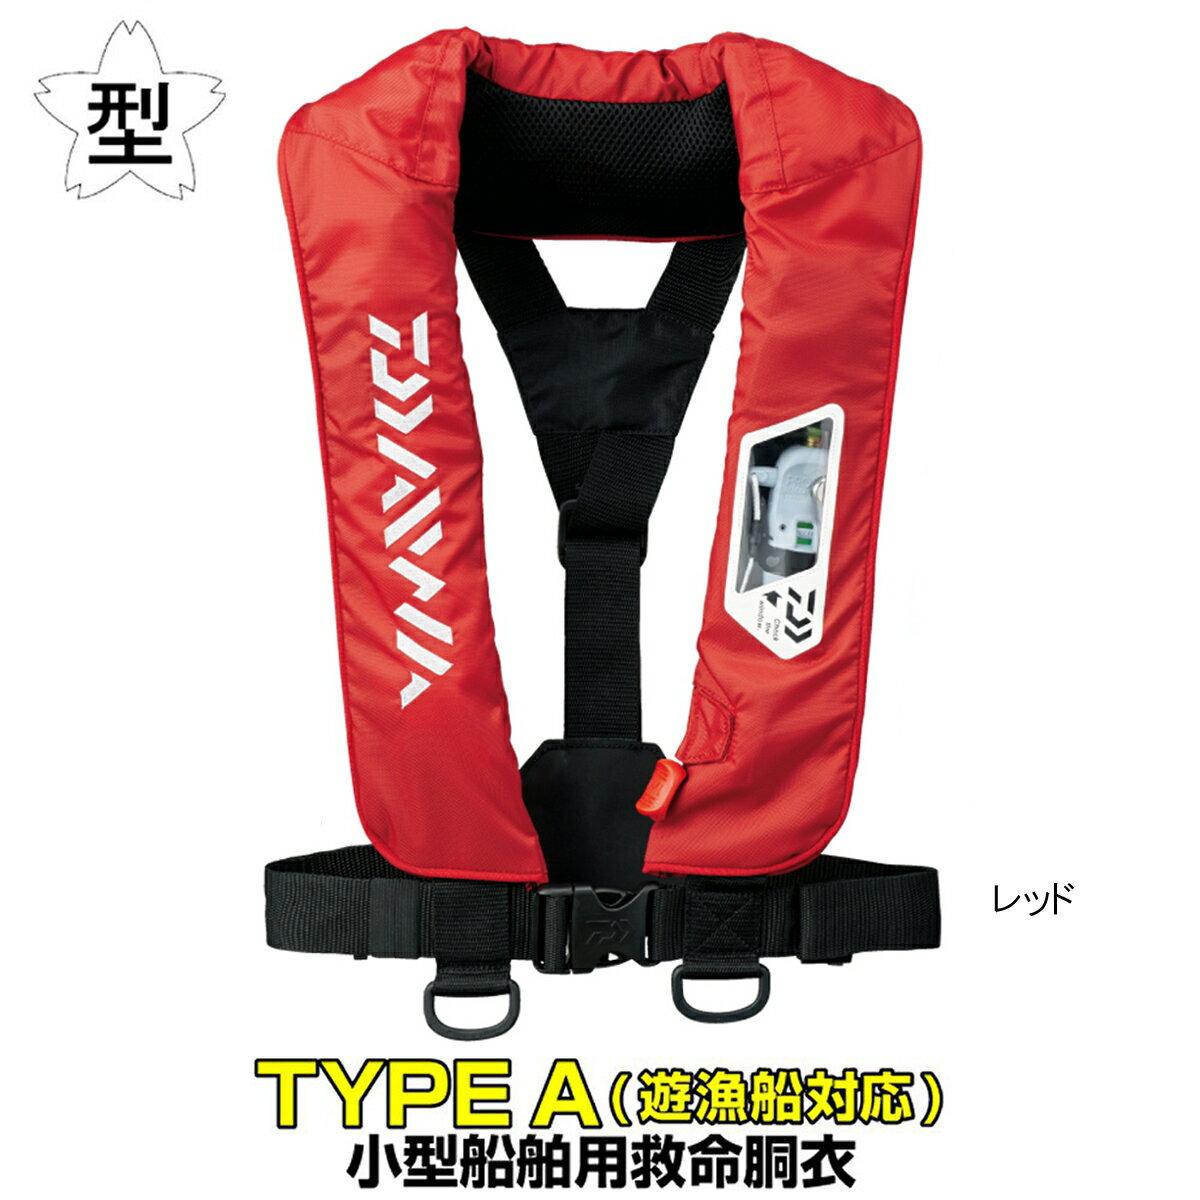 ダイワ ウォッシャブルライフジャケット(肩掛けタイプ手動・自動膨脹式) DF-2007 レッド ※遊漁船対応【送料無料】